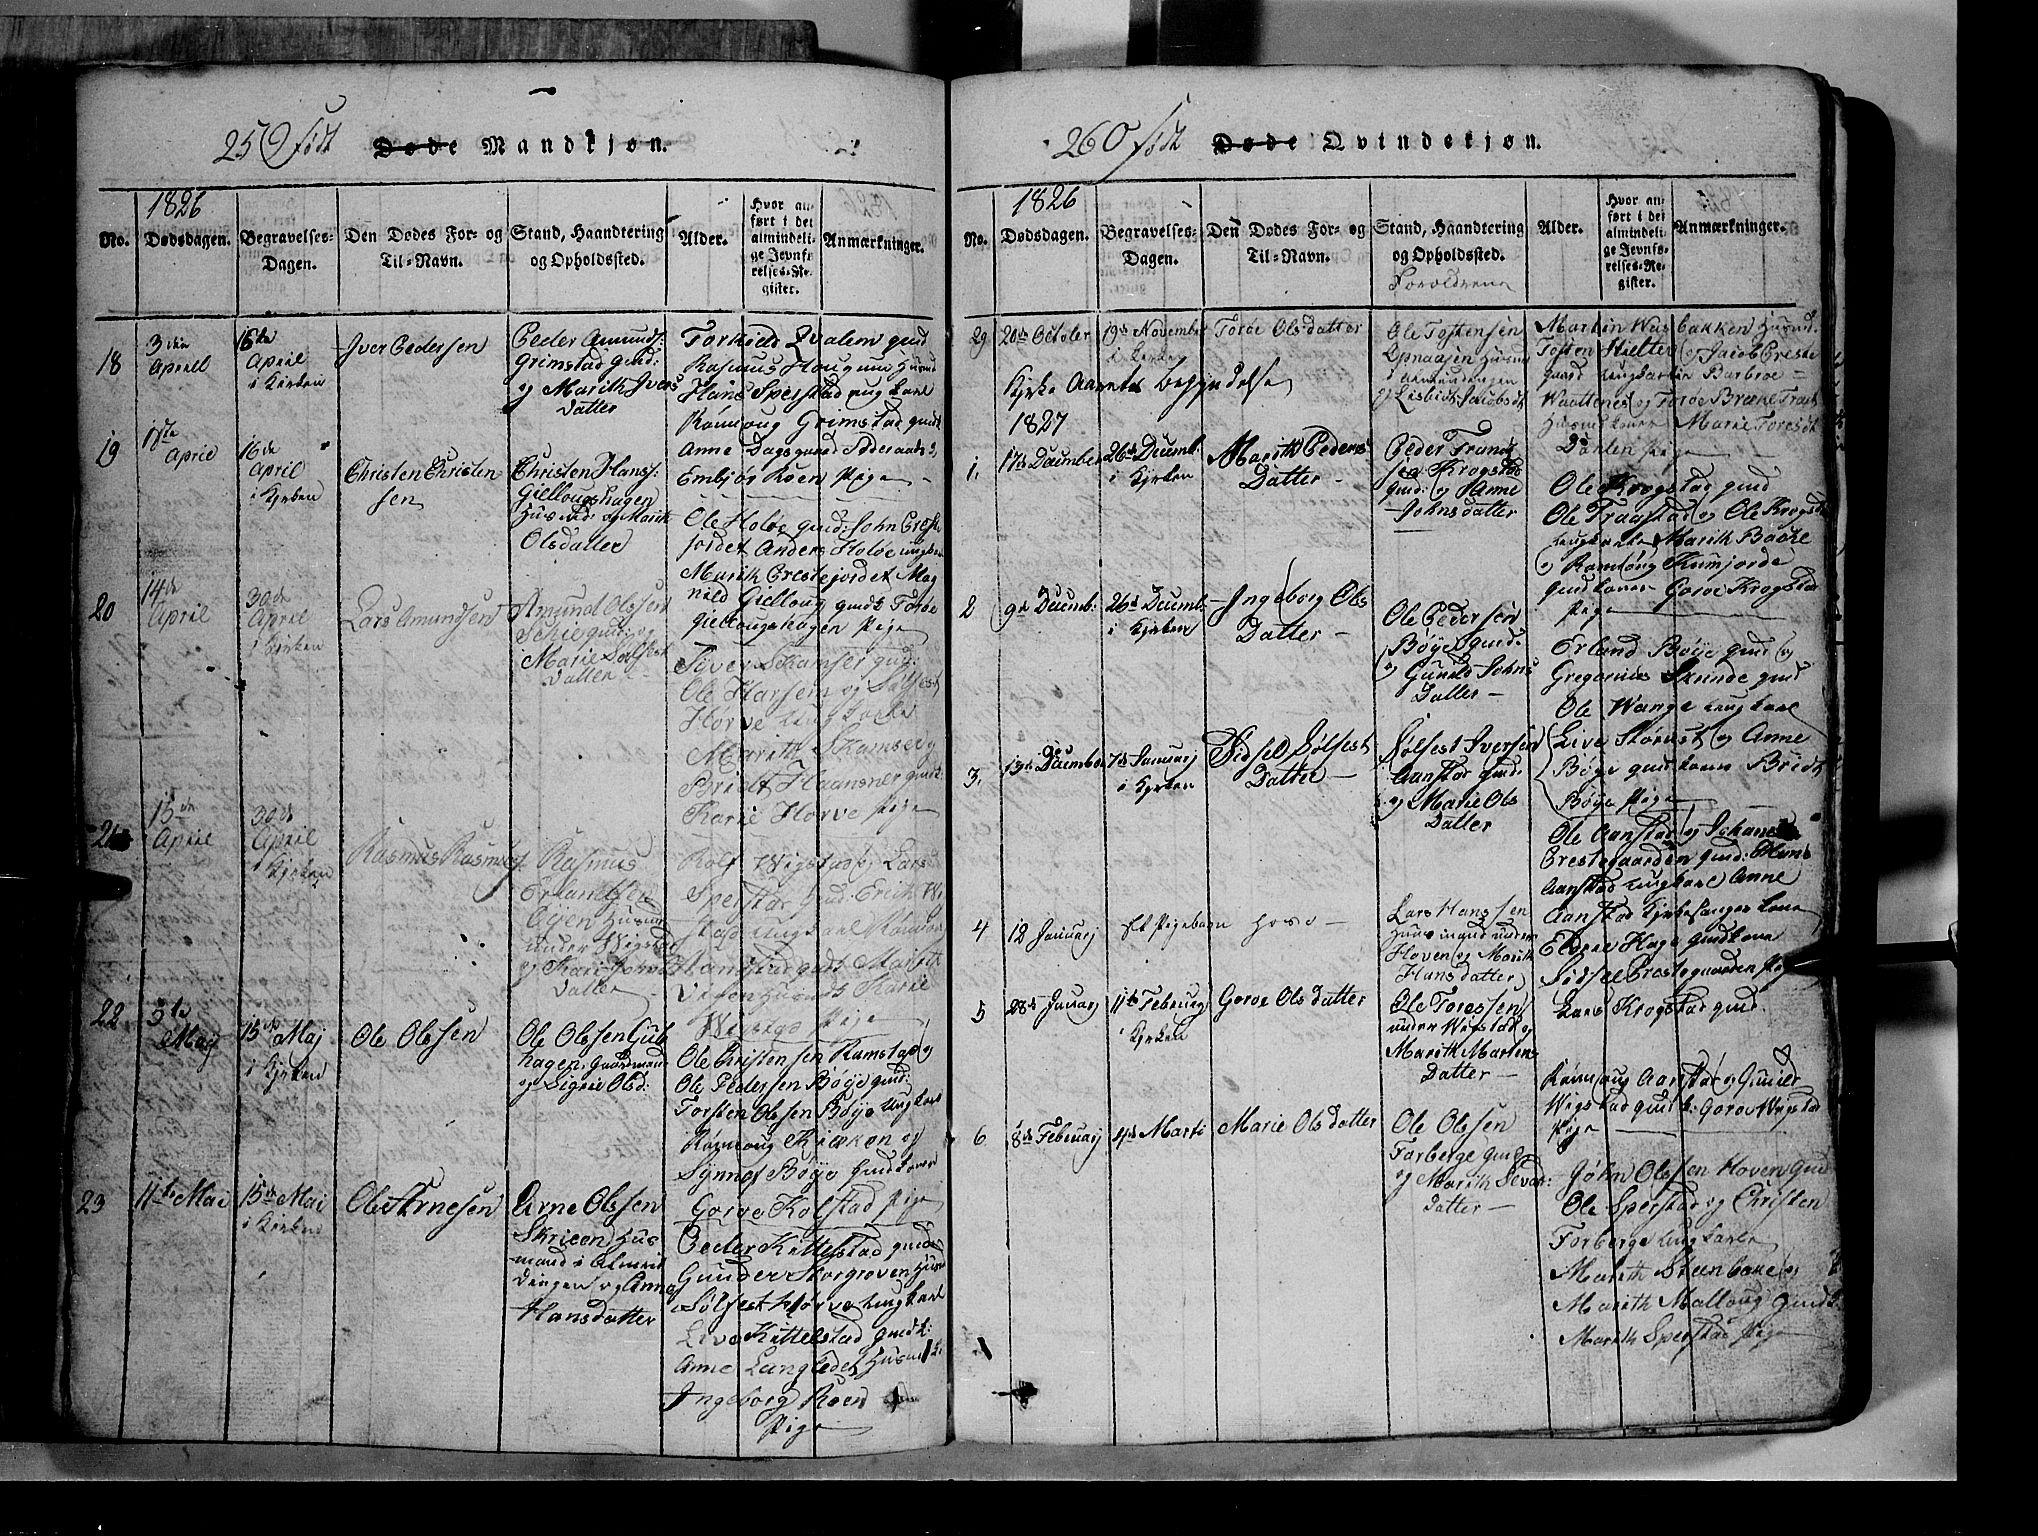 SAH, Lom prestekontor, L/L0003: Klokkerbok nr. 3, 1815-1844, s. 259-260